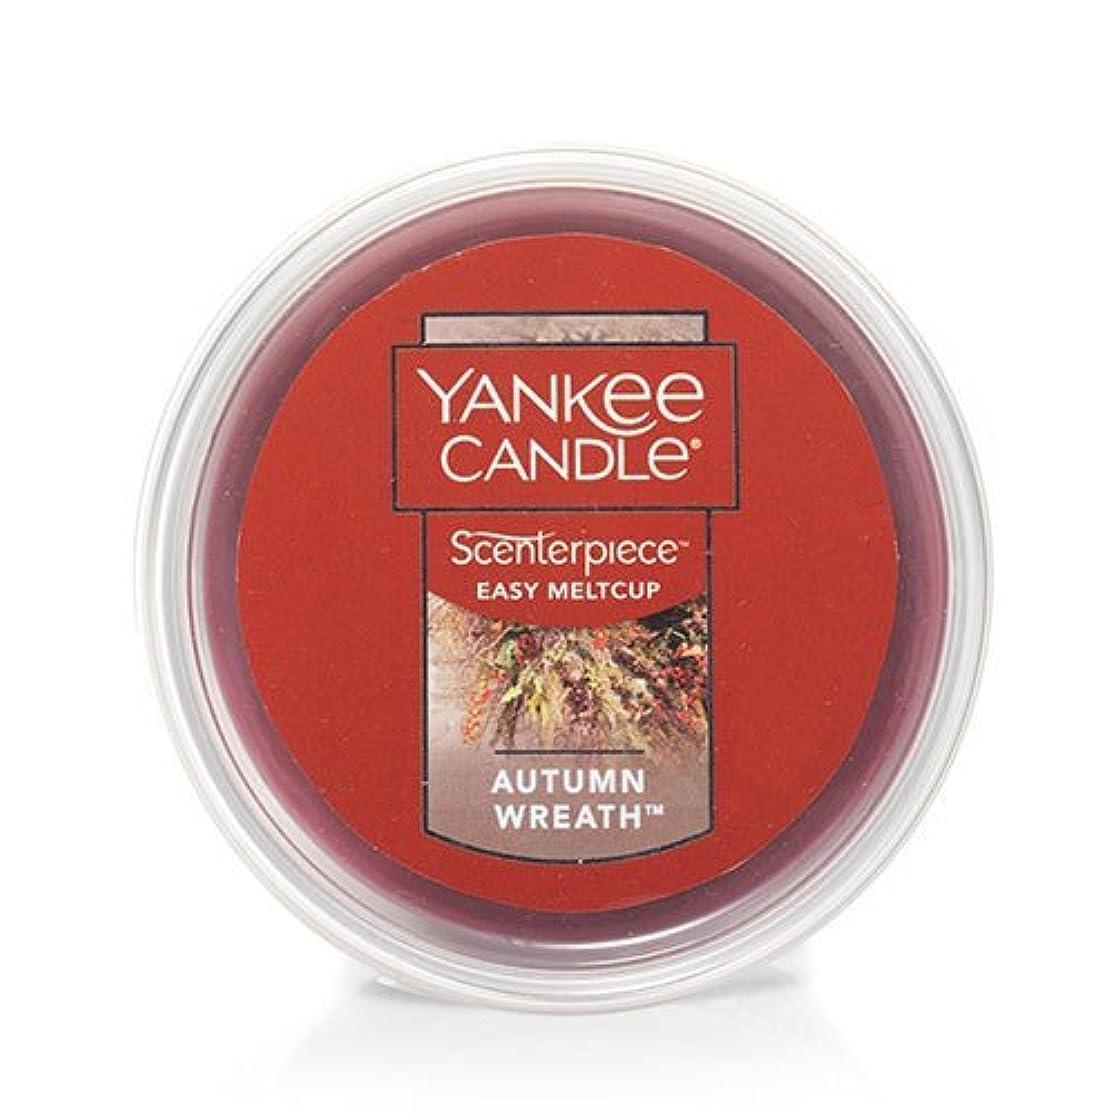 お母さん効率宇宙Yankee Candle Autumn Wreath Scenterpiece Easy MeltCup , Food & Spice香り2.2 Oz